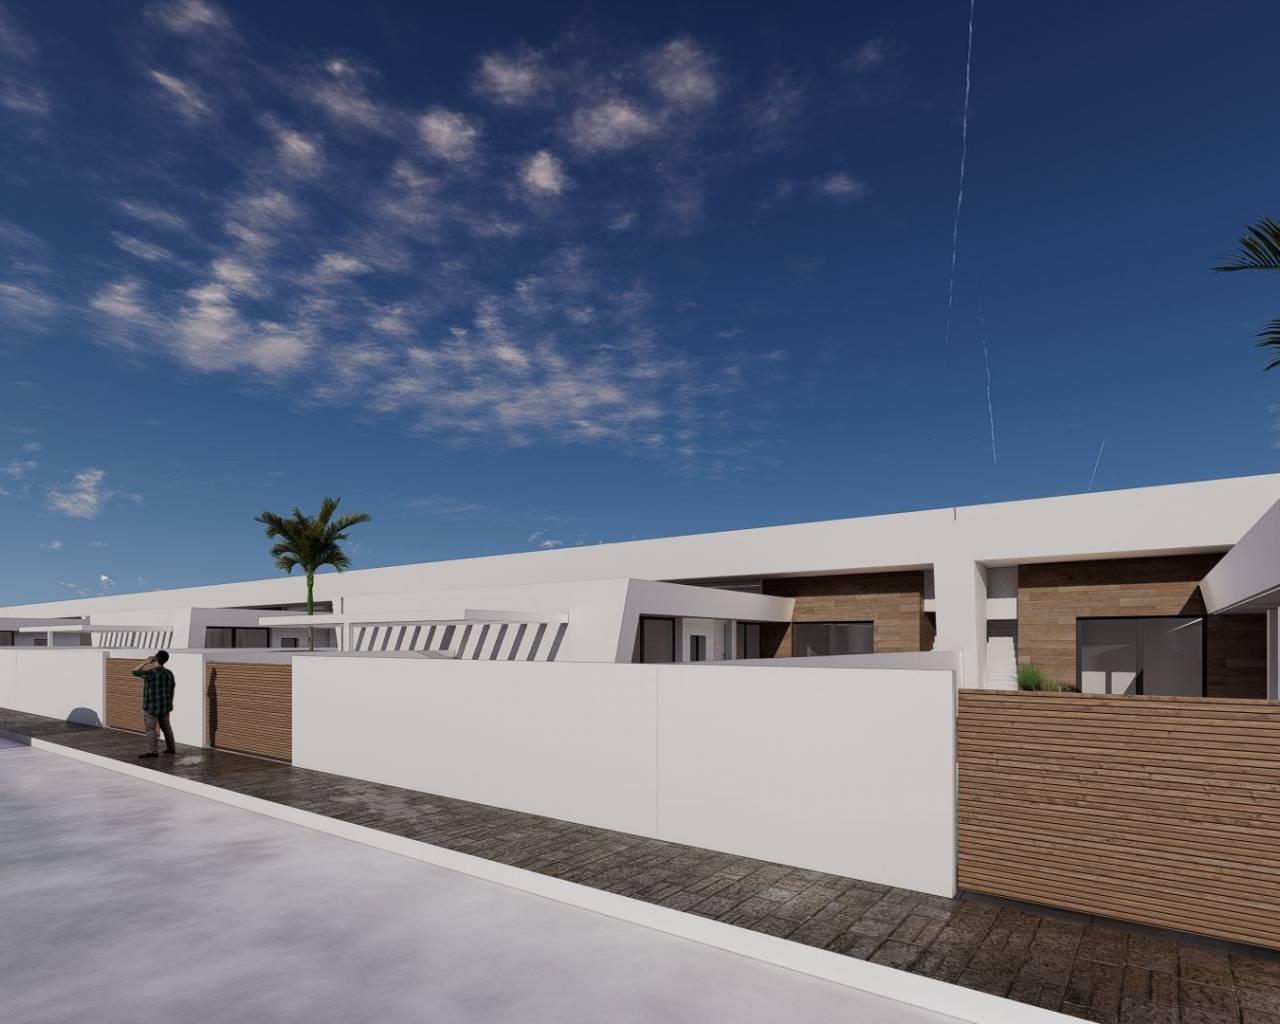 nieuwbouw-half-vrijstaande-villa-roldan_5737_xl